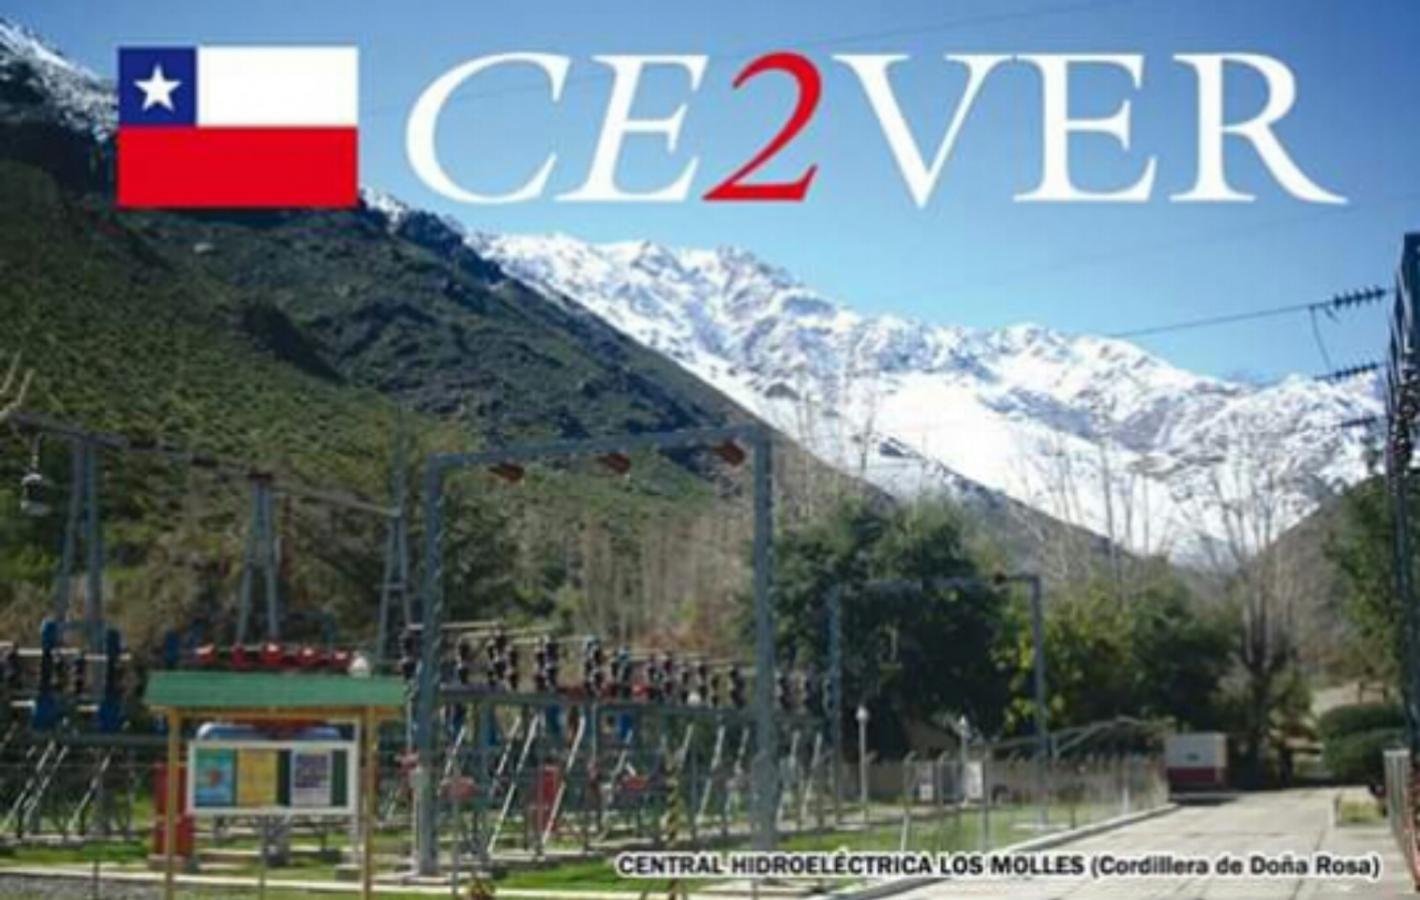 CE2VER Chile QSL